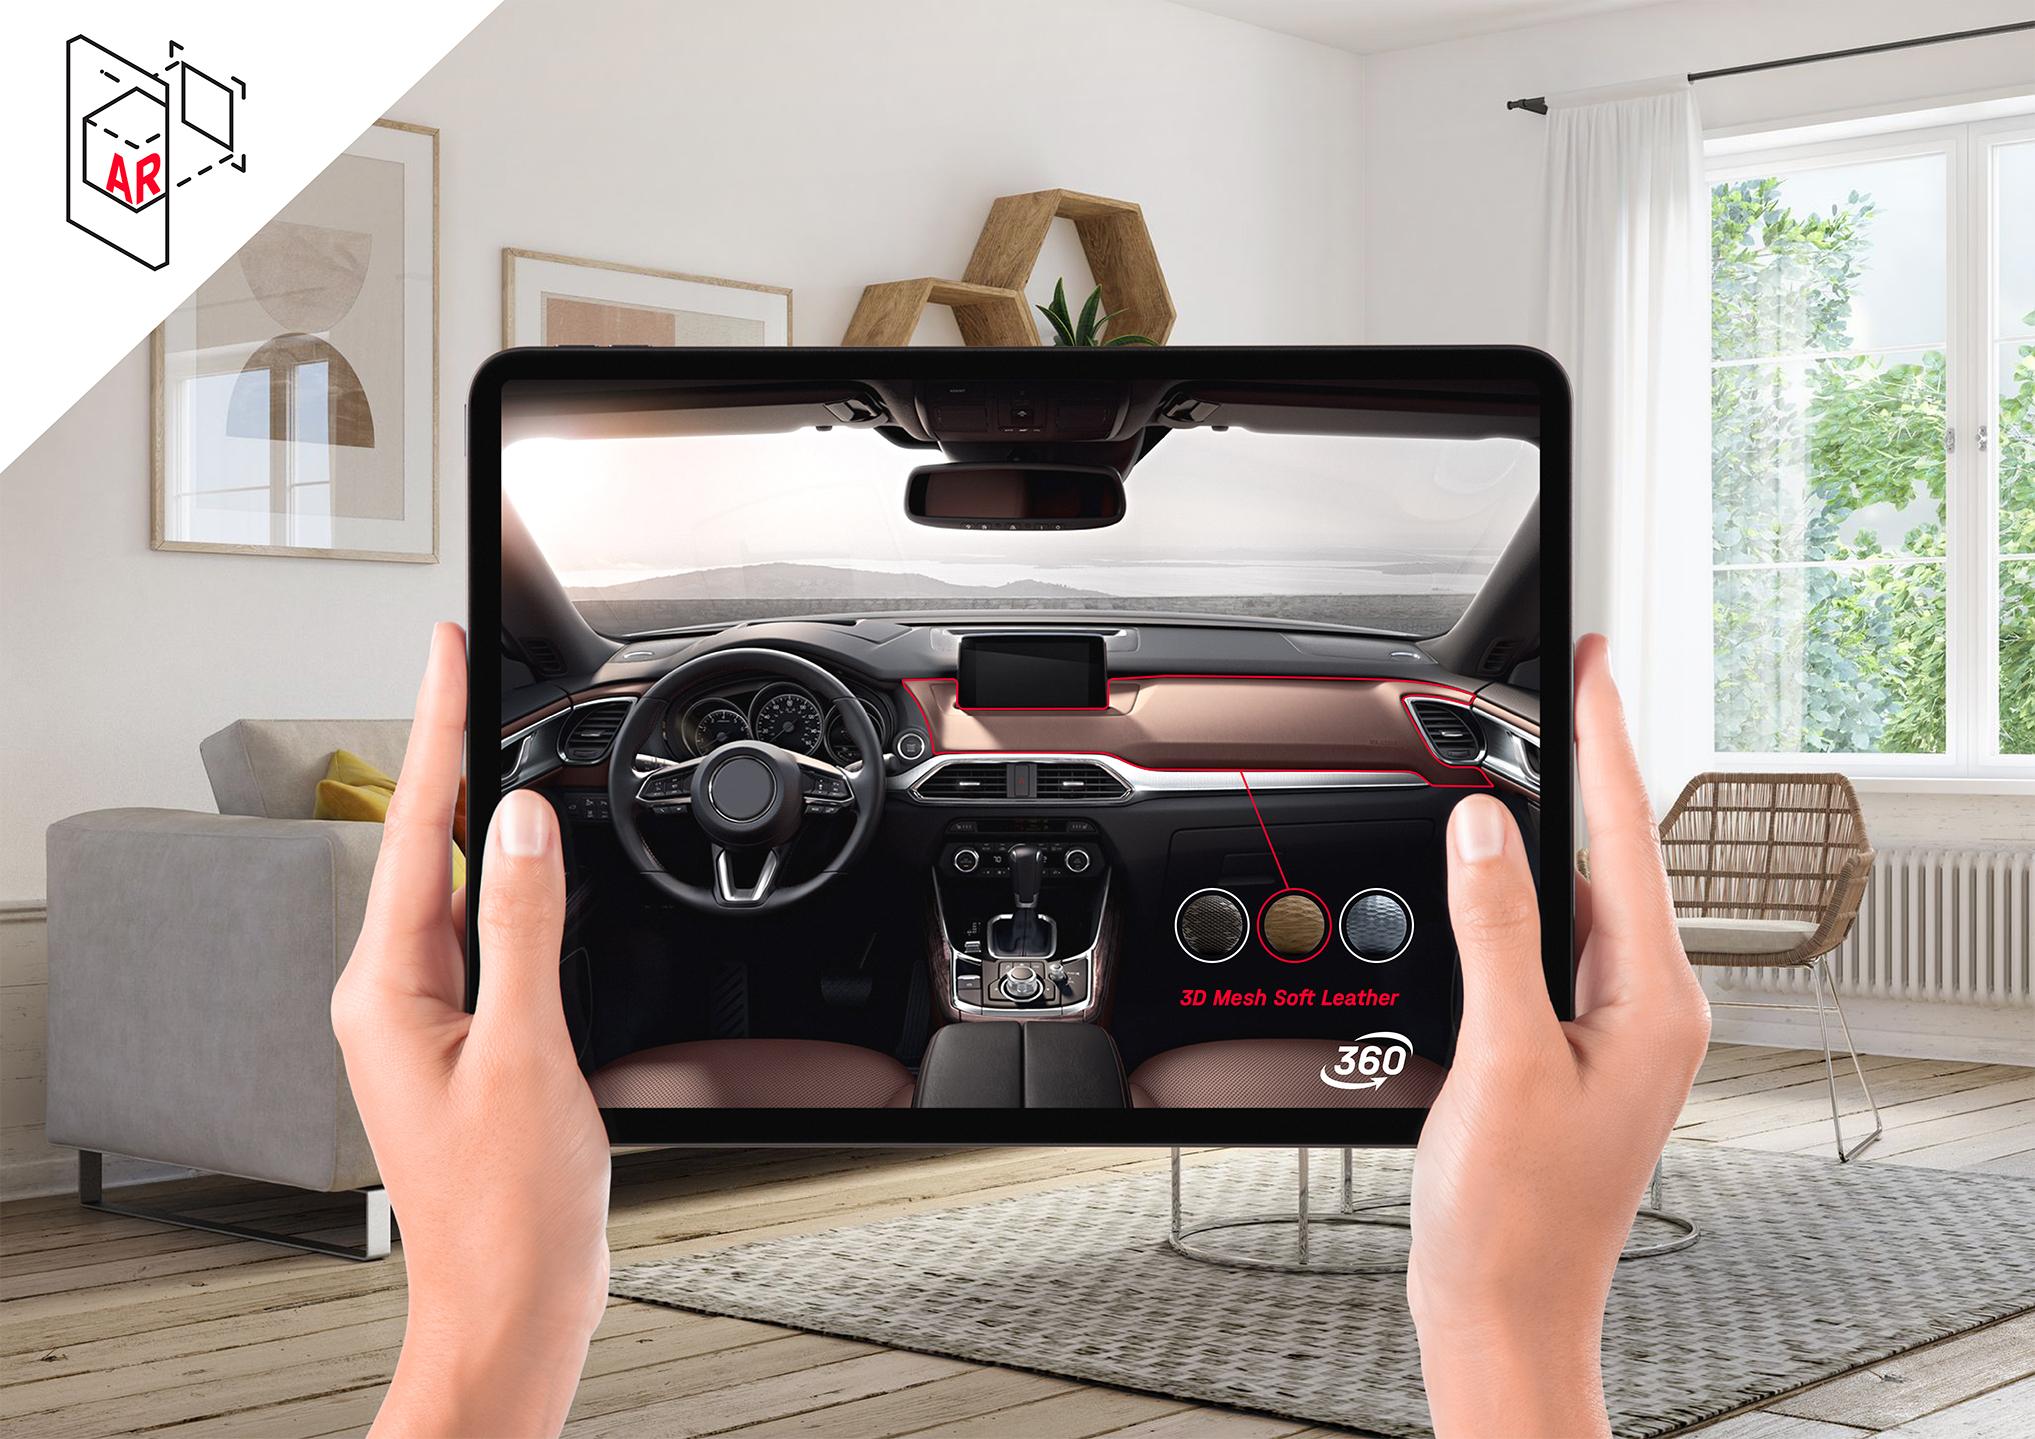 Tablet mit einer AR Anwendung. Damit kann interaktiv die Innenausstattung eines Autos personalisiert werden.